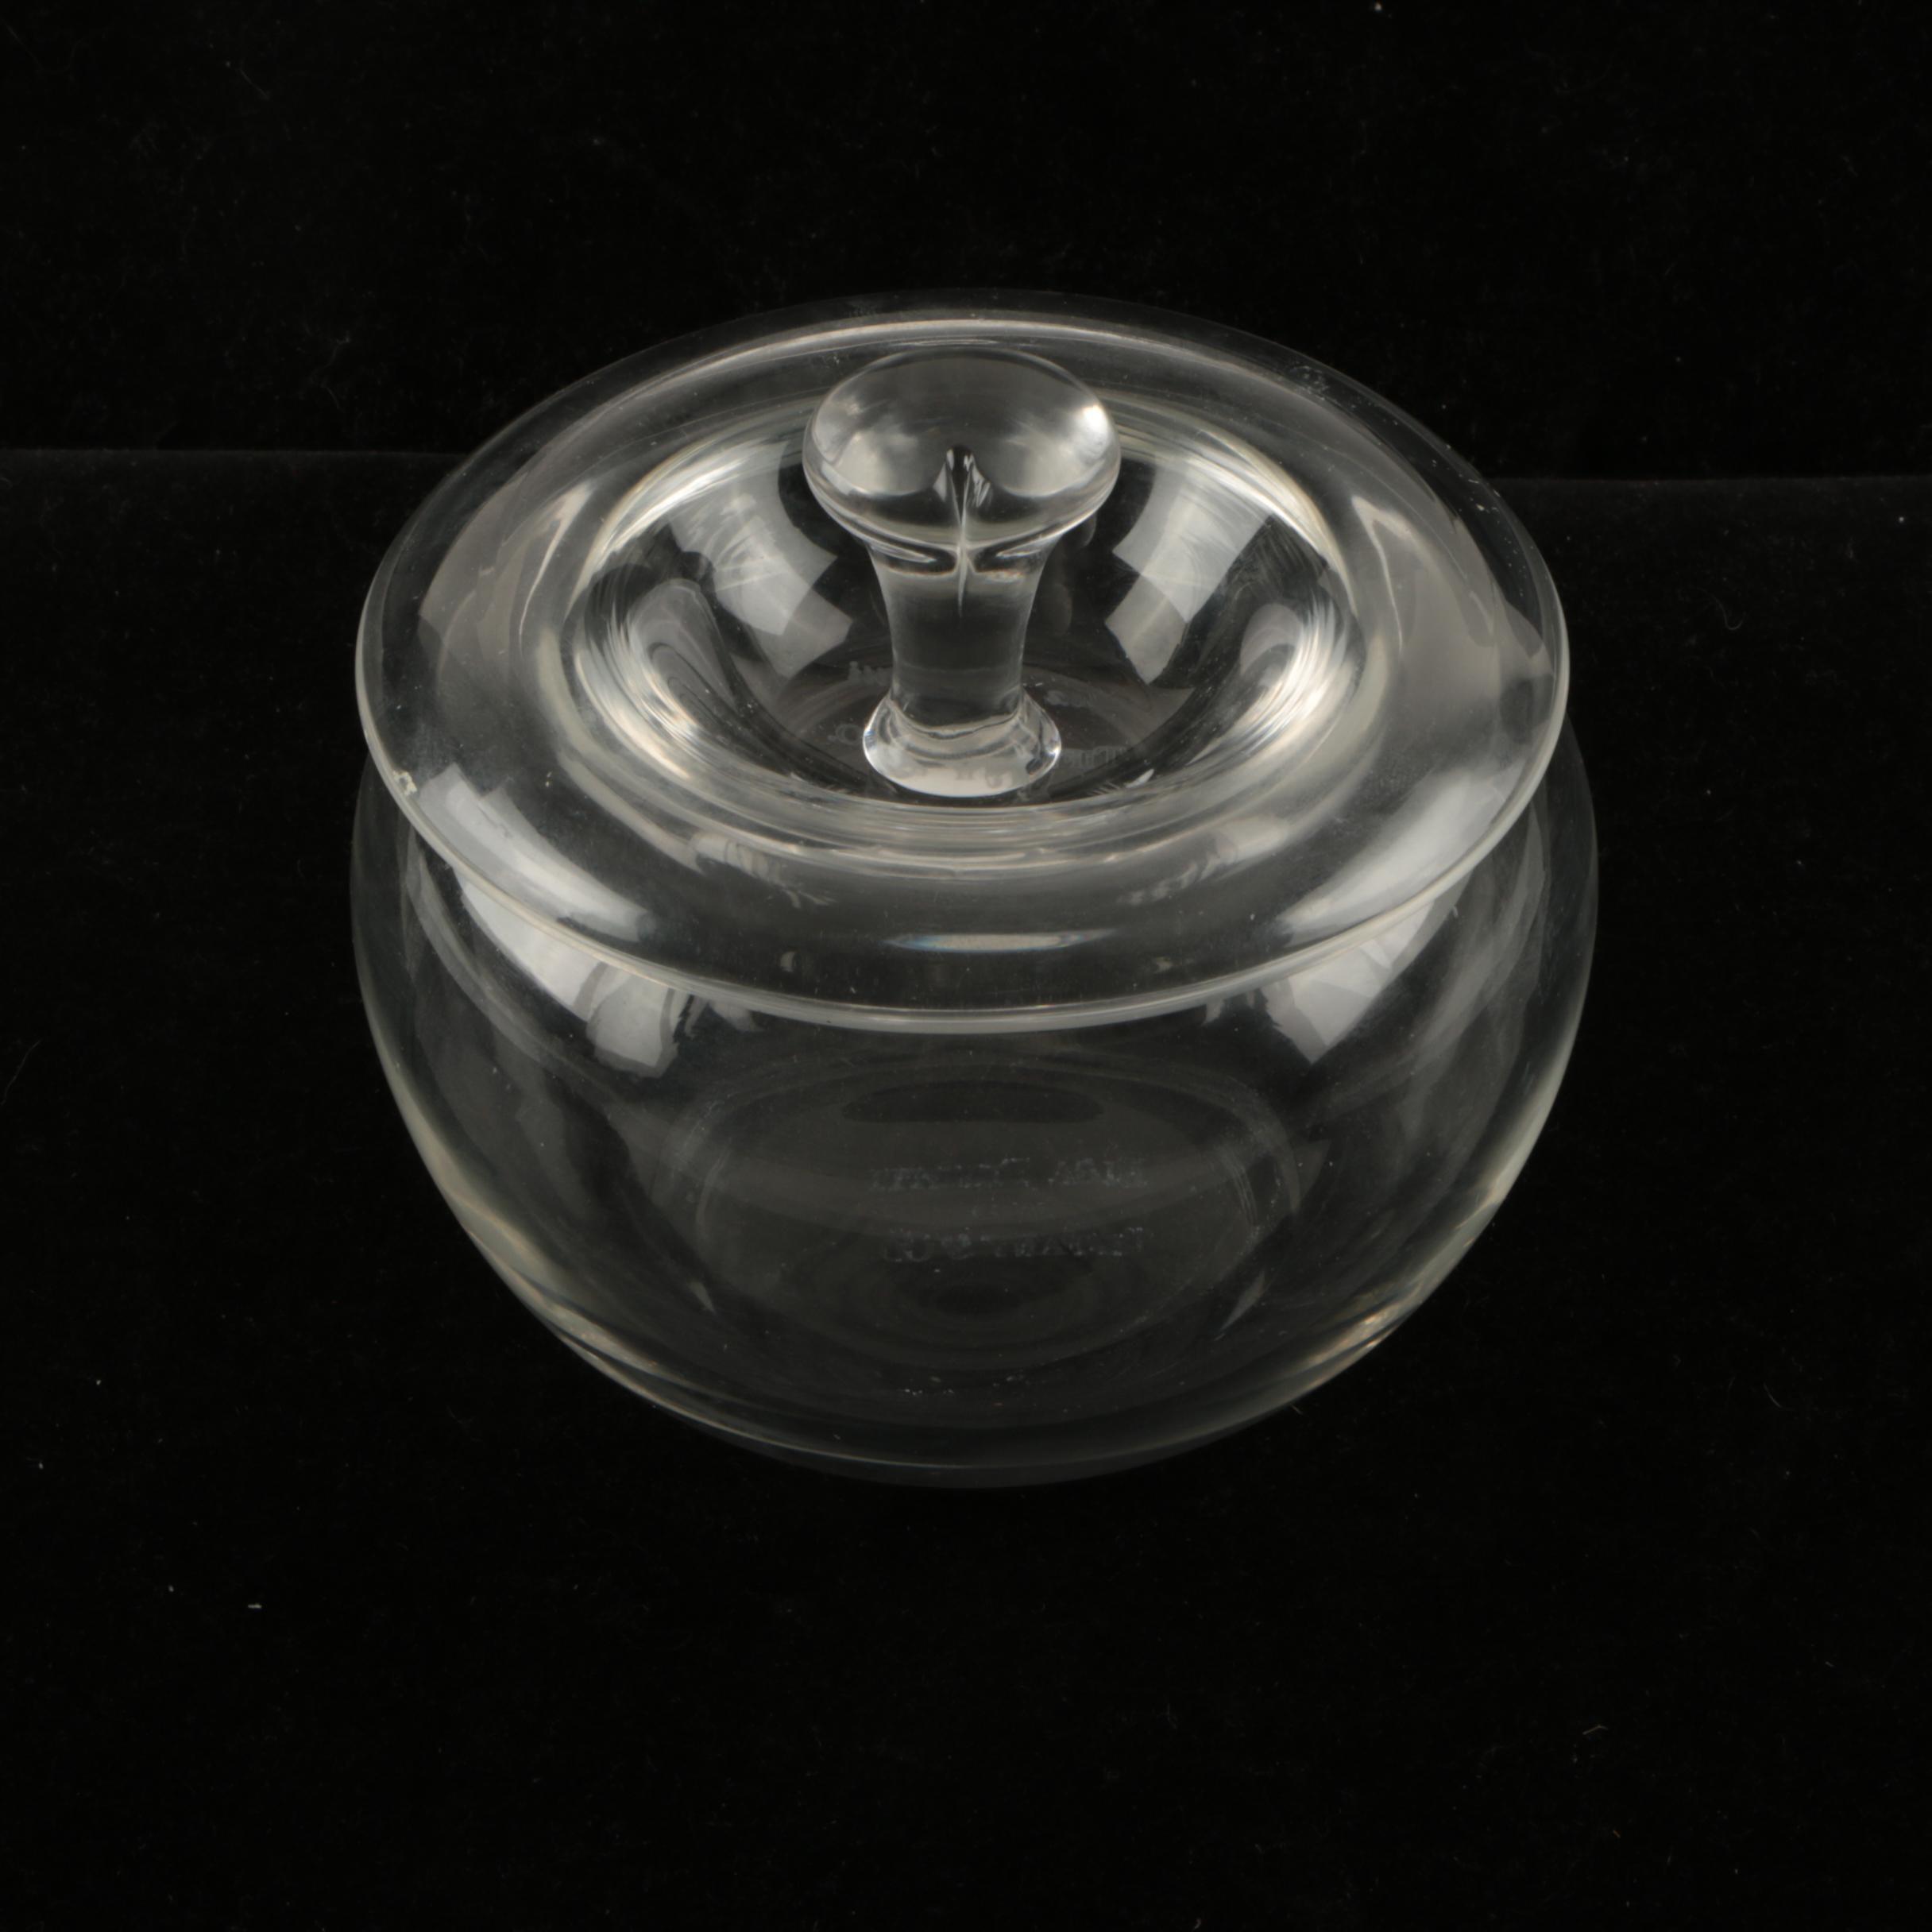 Elsa Peretti for Tiffany & Co. Lidded Crystal Dish